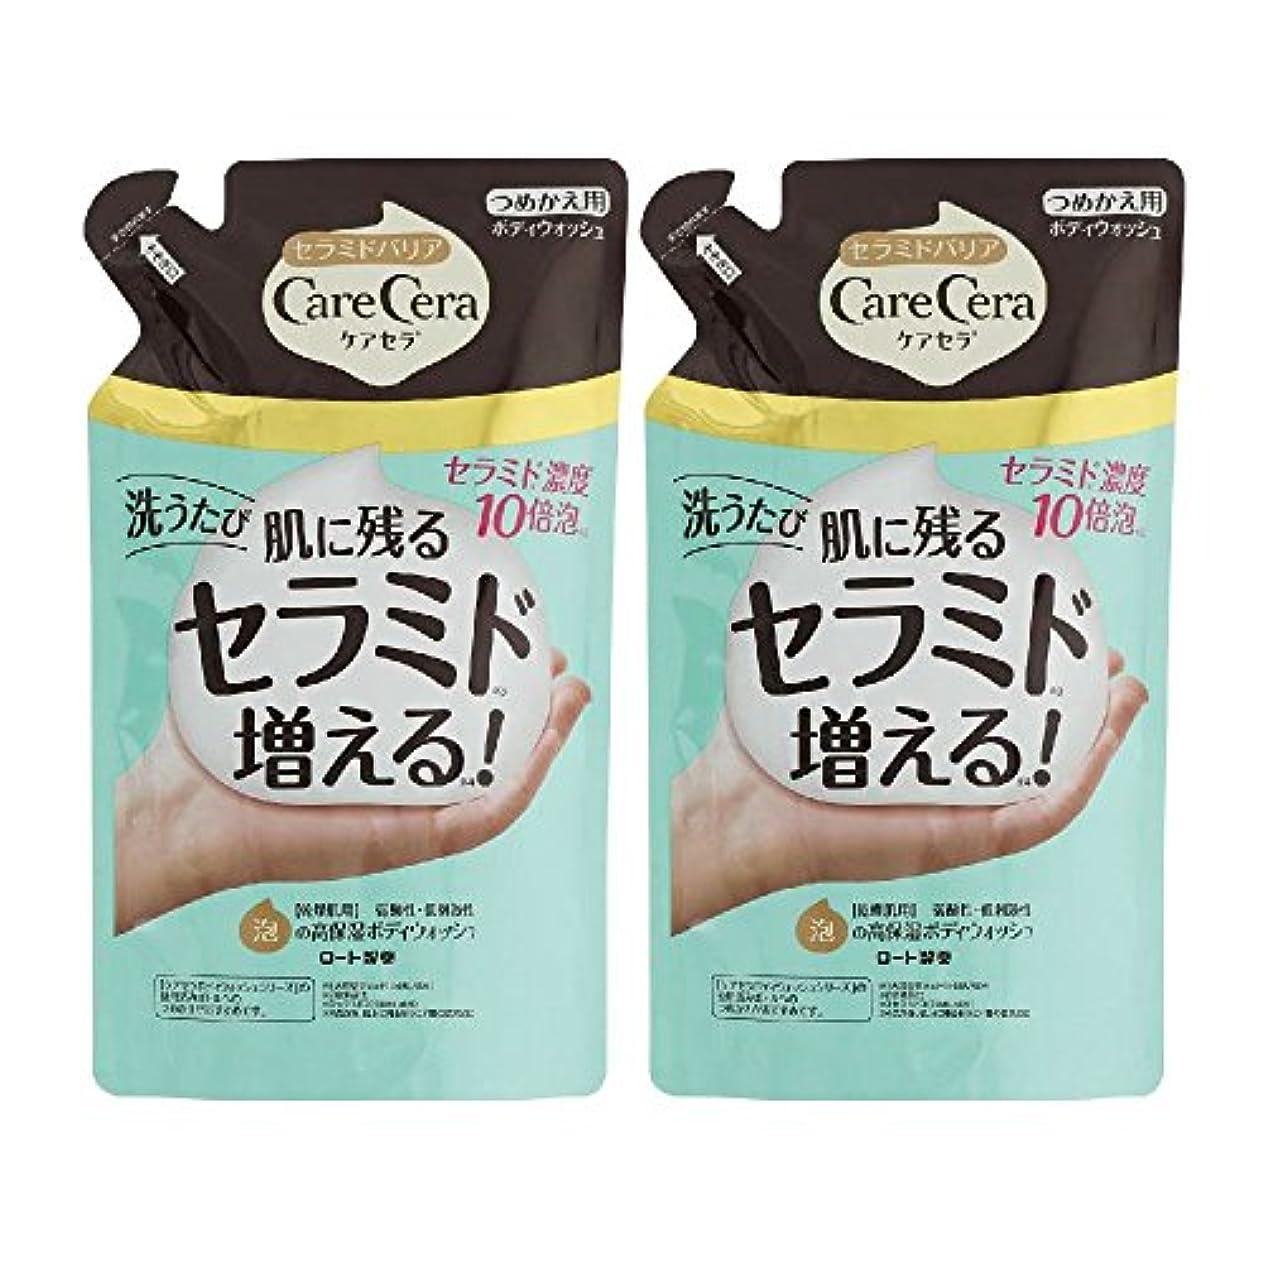 何か価格暗いケアセラ(CareCera) ケアセラ (CareCera) 泡の高保湿 ボディウォッシュ ピュアフローラルの香り (つめかえ用) ※セバメドモイスチャーローション10mlサンプル付き 350mL×2個 +サンプル付き